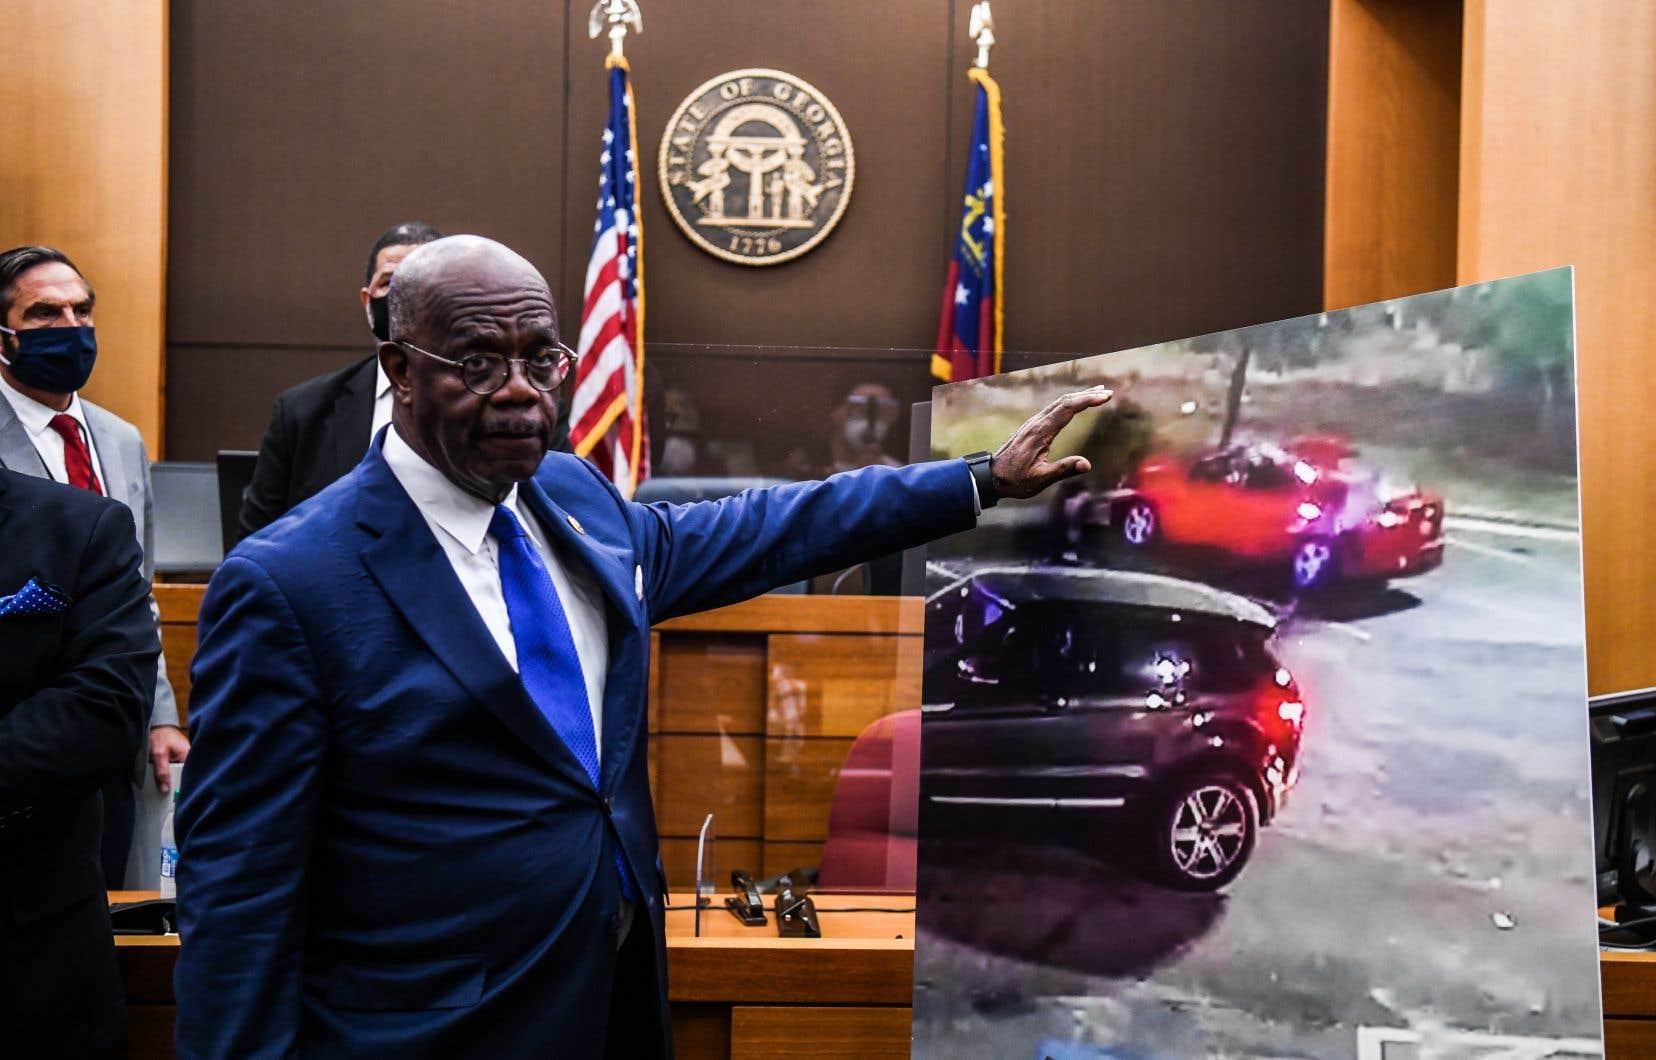 «Nous avons conclu qu'au moment de sa mort, M.Brooks ne représentait pas une menace immédiate de mort ou de blessures graves pour les agents», a justifié le procureur du comté de Fulton, Paul Howard, lors d'une conférence de presse.